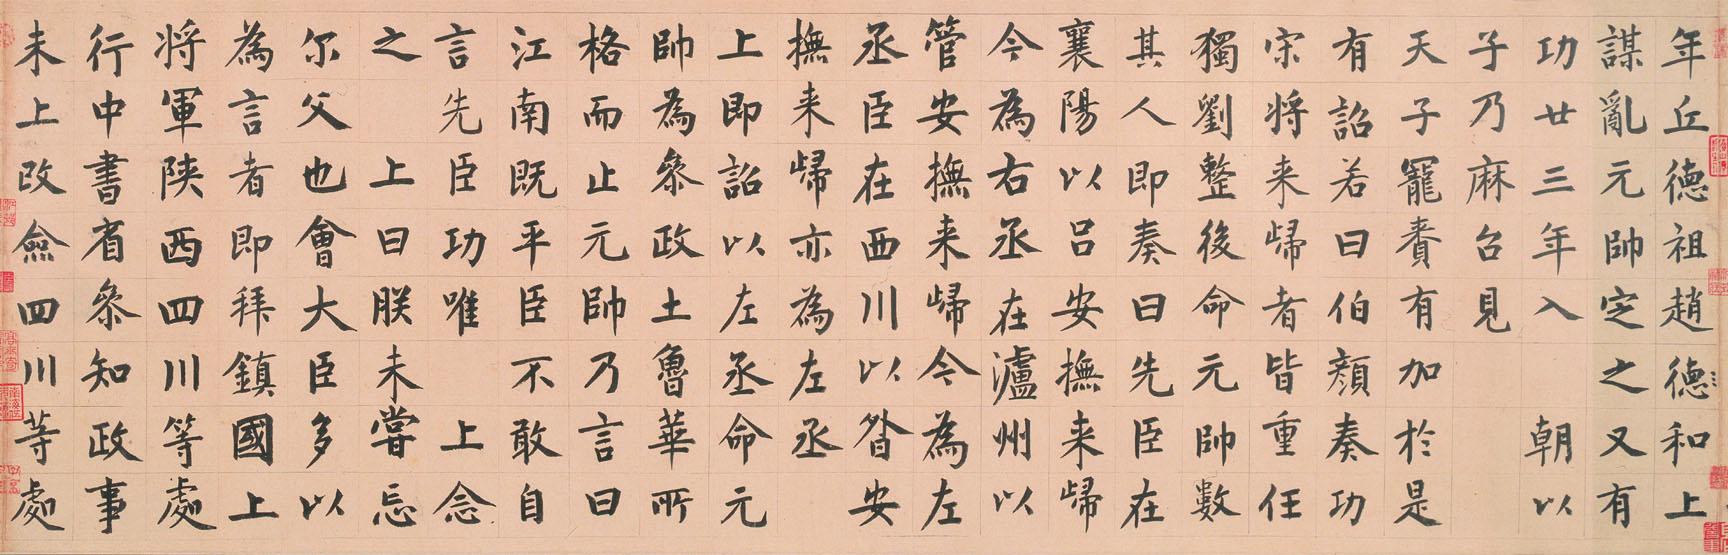 元代虞集书法手卷欣赏《真书刘垓神道碑铭卷》